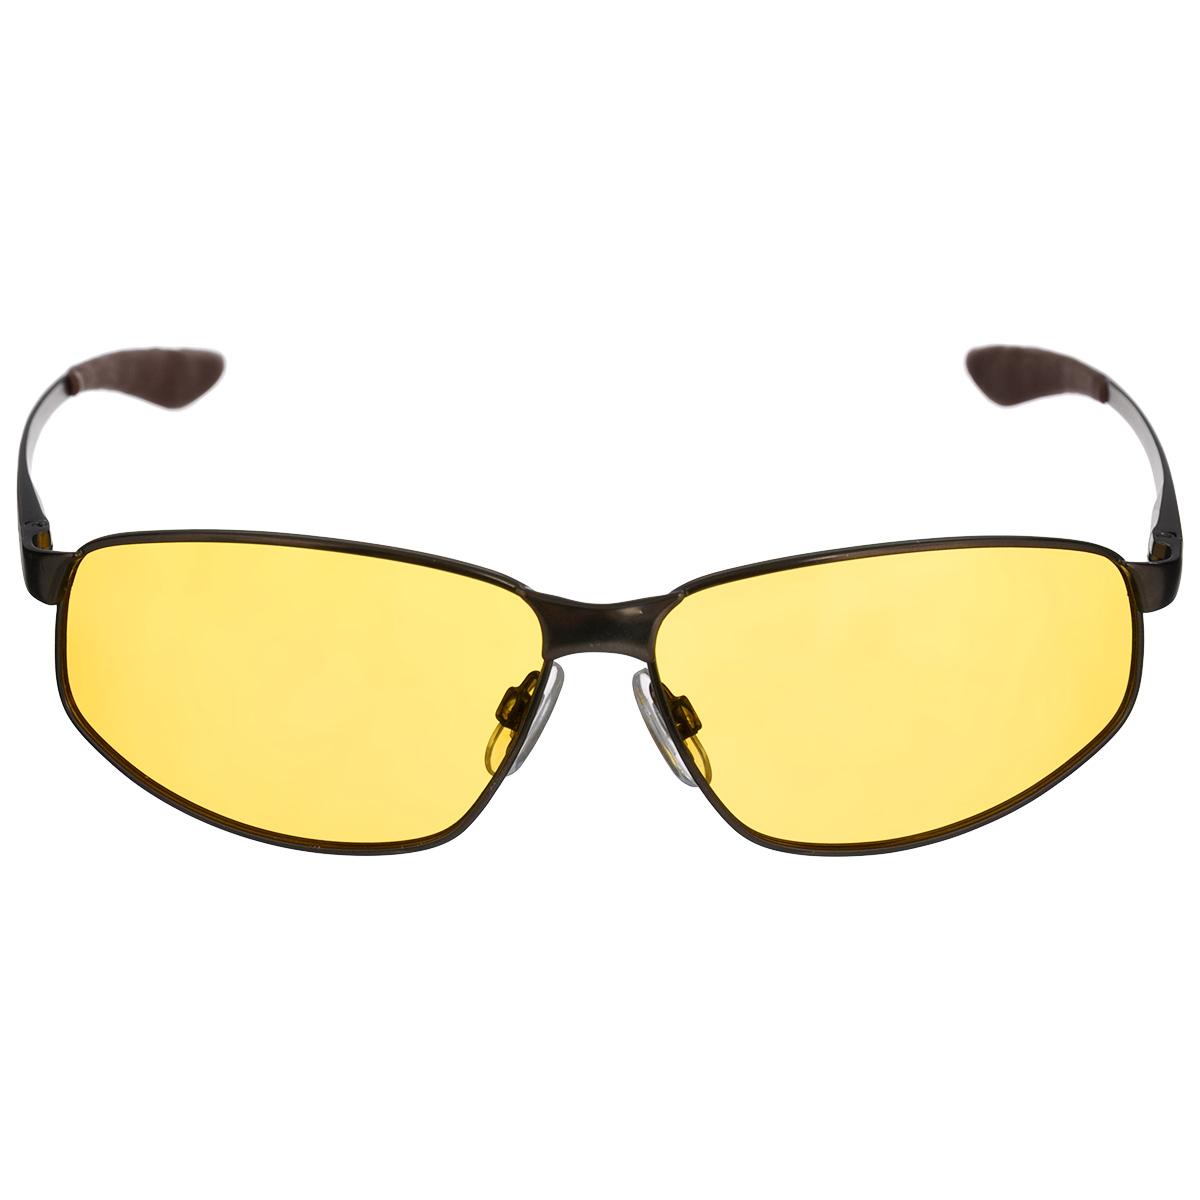 Очки мужские, поляризационные Cafa France, цвет: желтый. CF3108YCF3108YОчки поляризационные Cafa France предназначены для защиты органов зрения от ультрафиолета, а также блокировки бликов. Оправа изготовлена из гибкого пластика, который не бьется и не подвергается остаточным деформациям. Оправа разработана для комфортного и безопасного вождения - легкая, надежная, не закрывающая обзор в зоне периферийного зрения. Прорезиненные элементы на дужках и надежные узлы крепления предотвращают соскальзывание. Категория затемнения линз - Cat.1. Практичный аксессуар не только защитит ваши глаза, но и ярко подчеркнет ваш стиль.